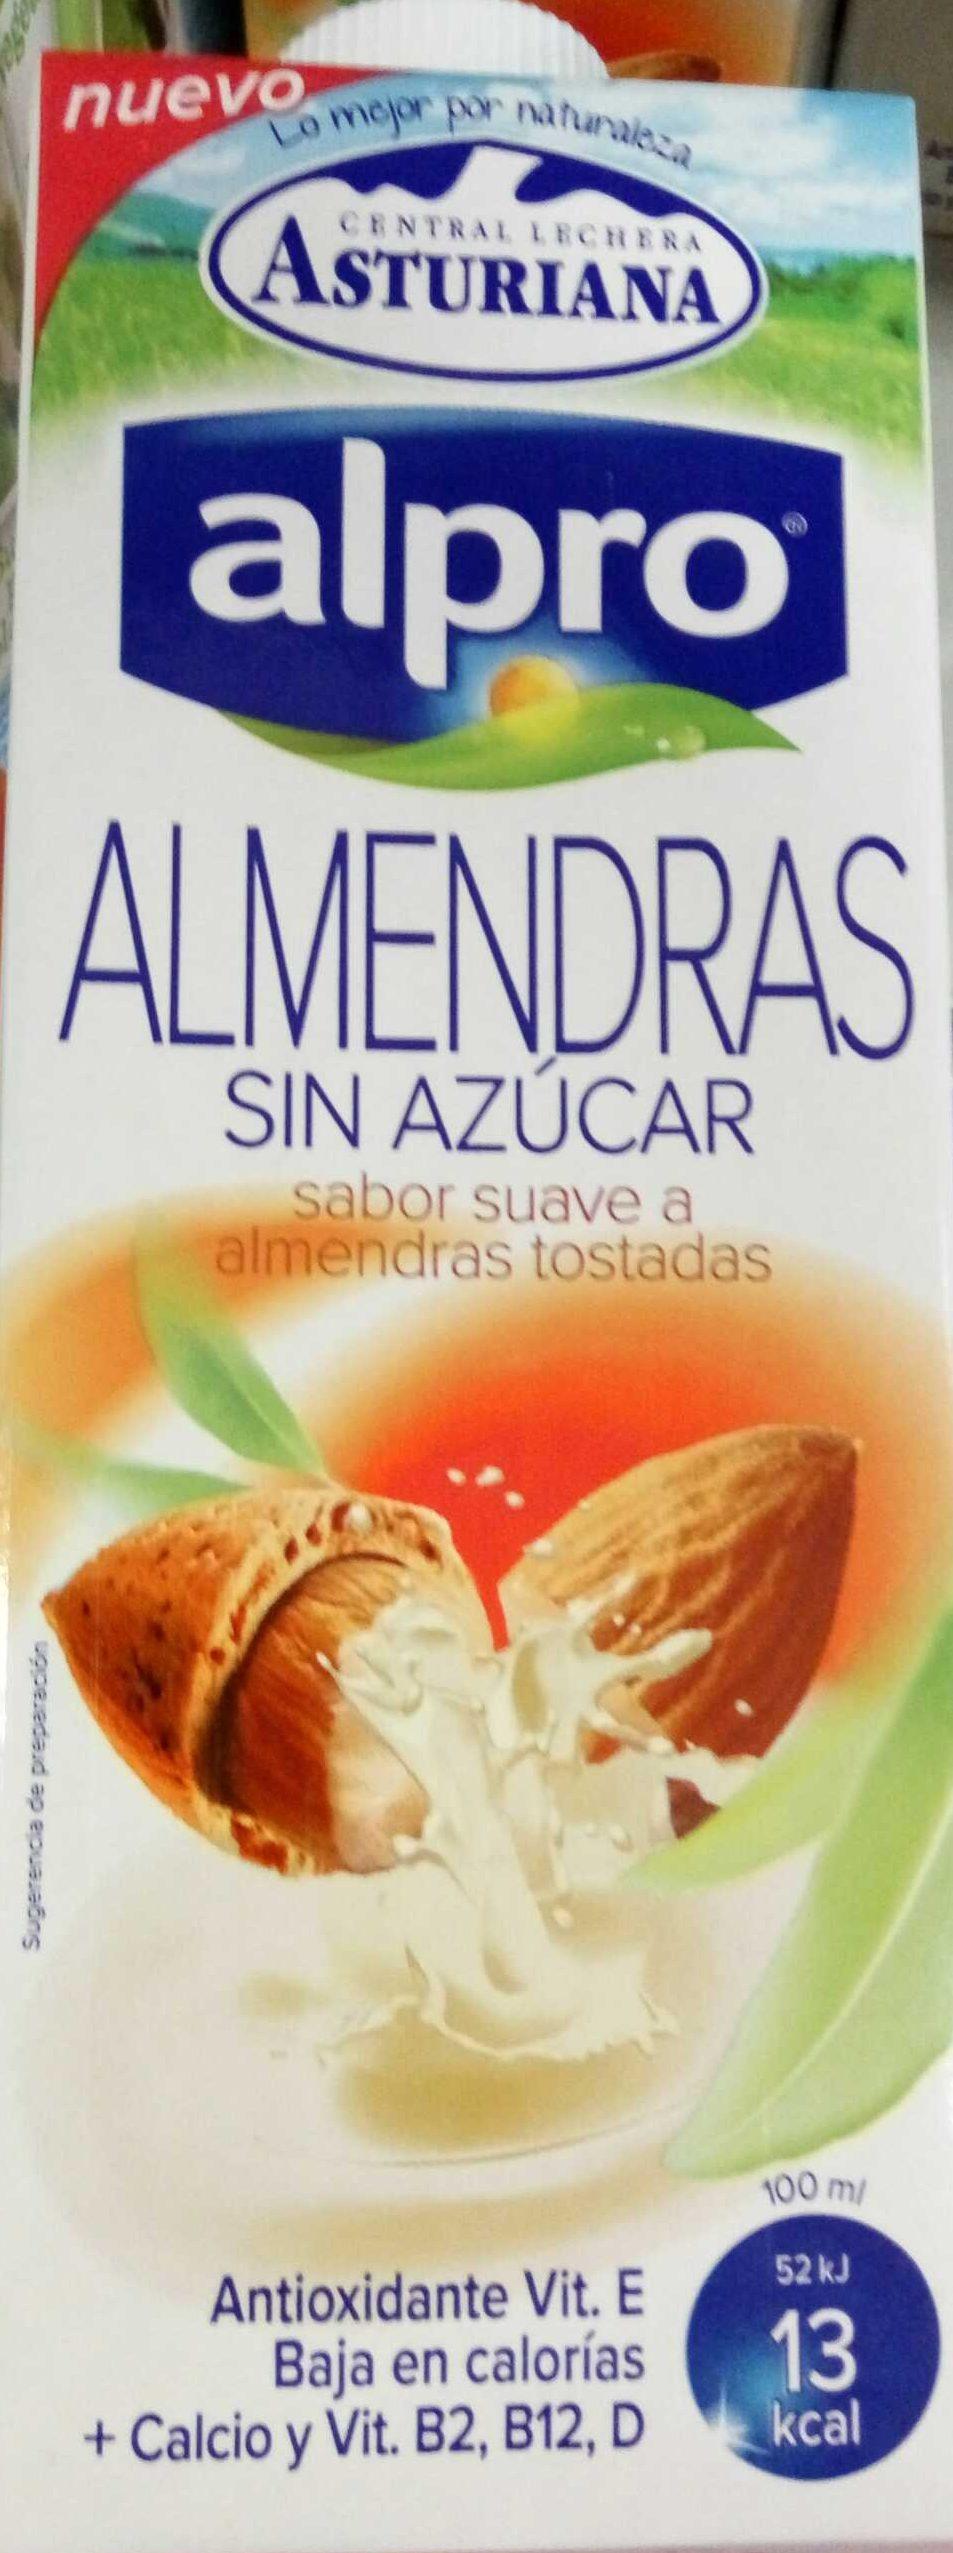 Bebida de almendras sin azúcar con antioxidante - Producte